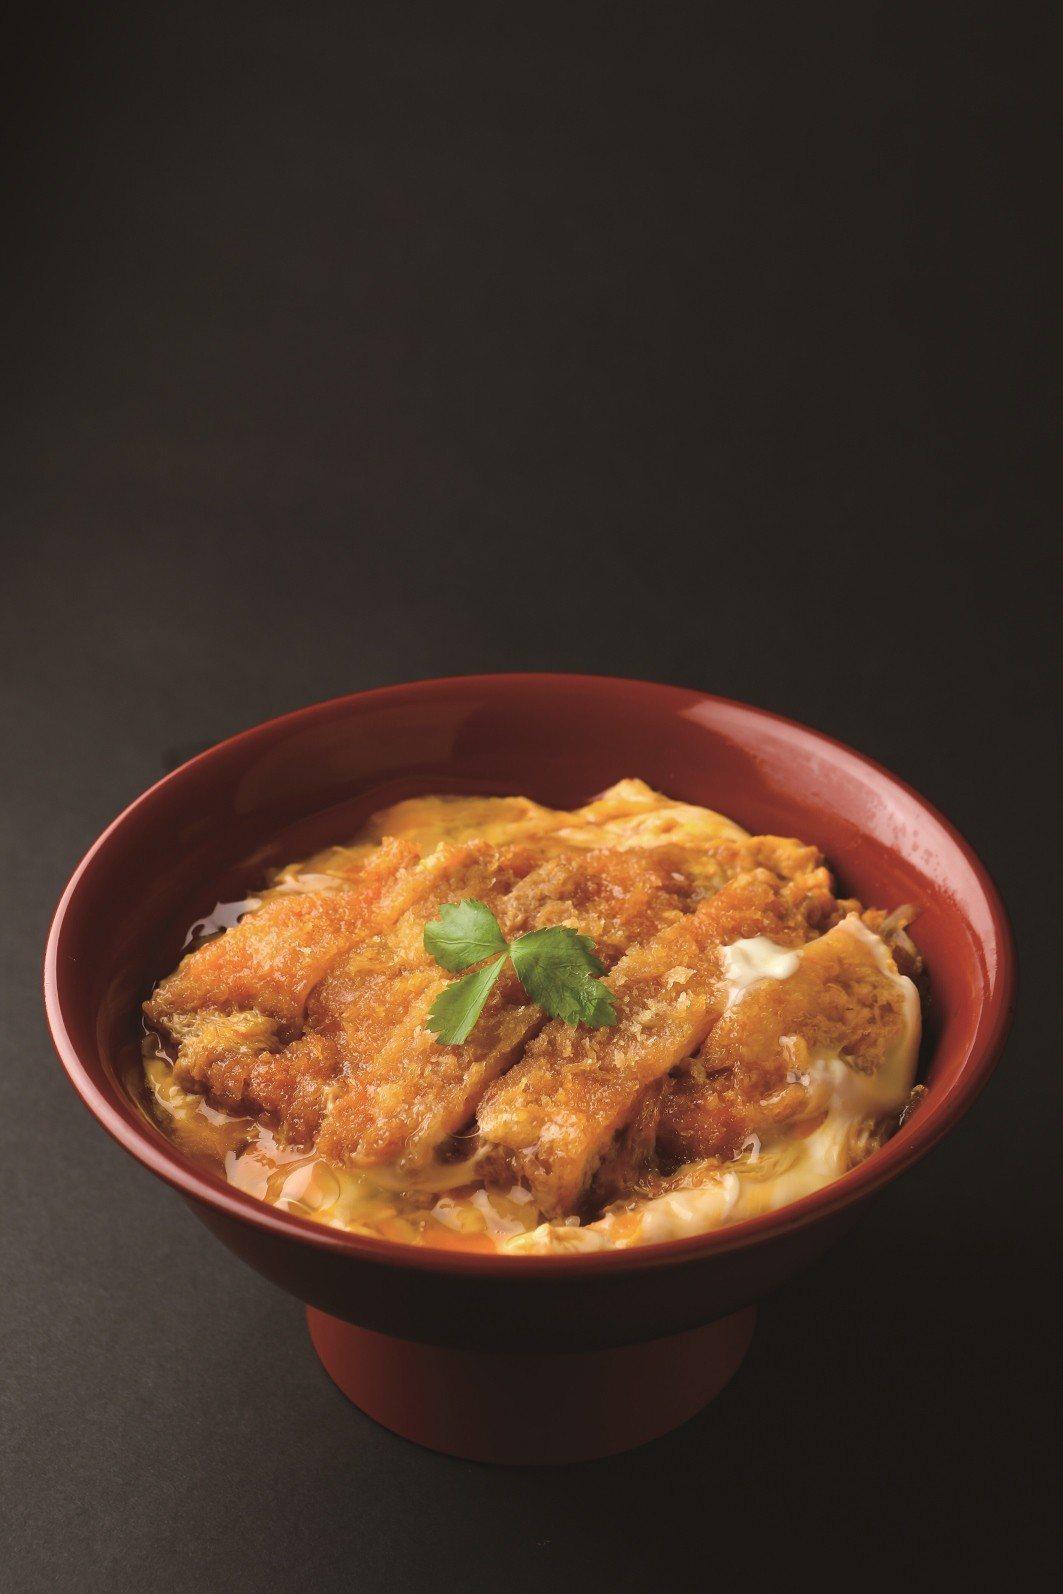 新光三越台中中港店,名古屋鳥開雞料理專門店雞排丼,售價270元。圖/新光三越提供